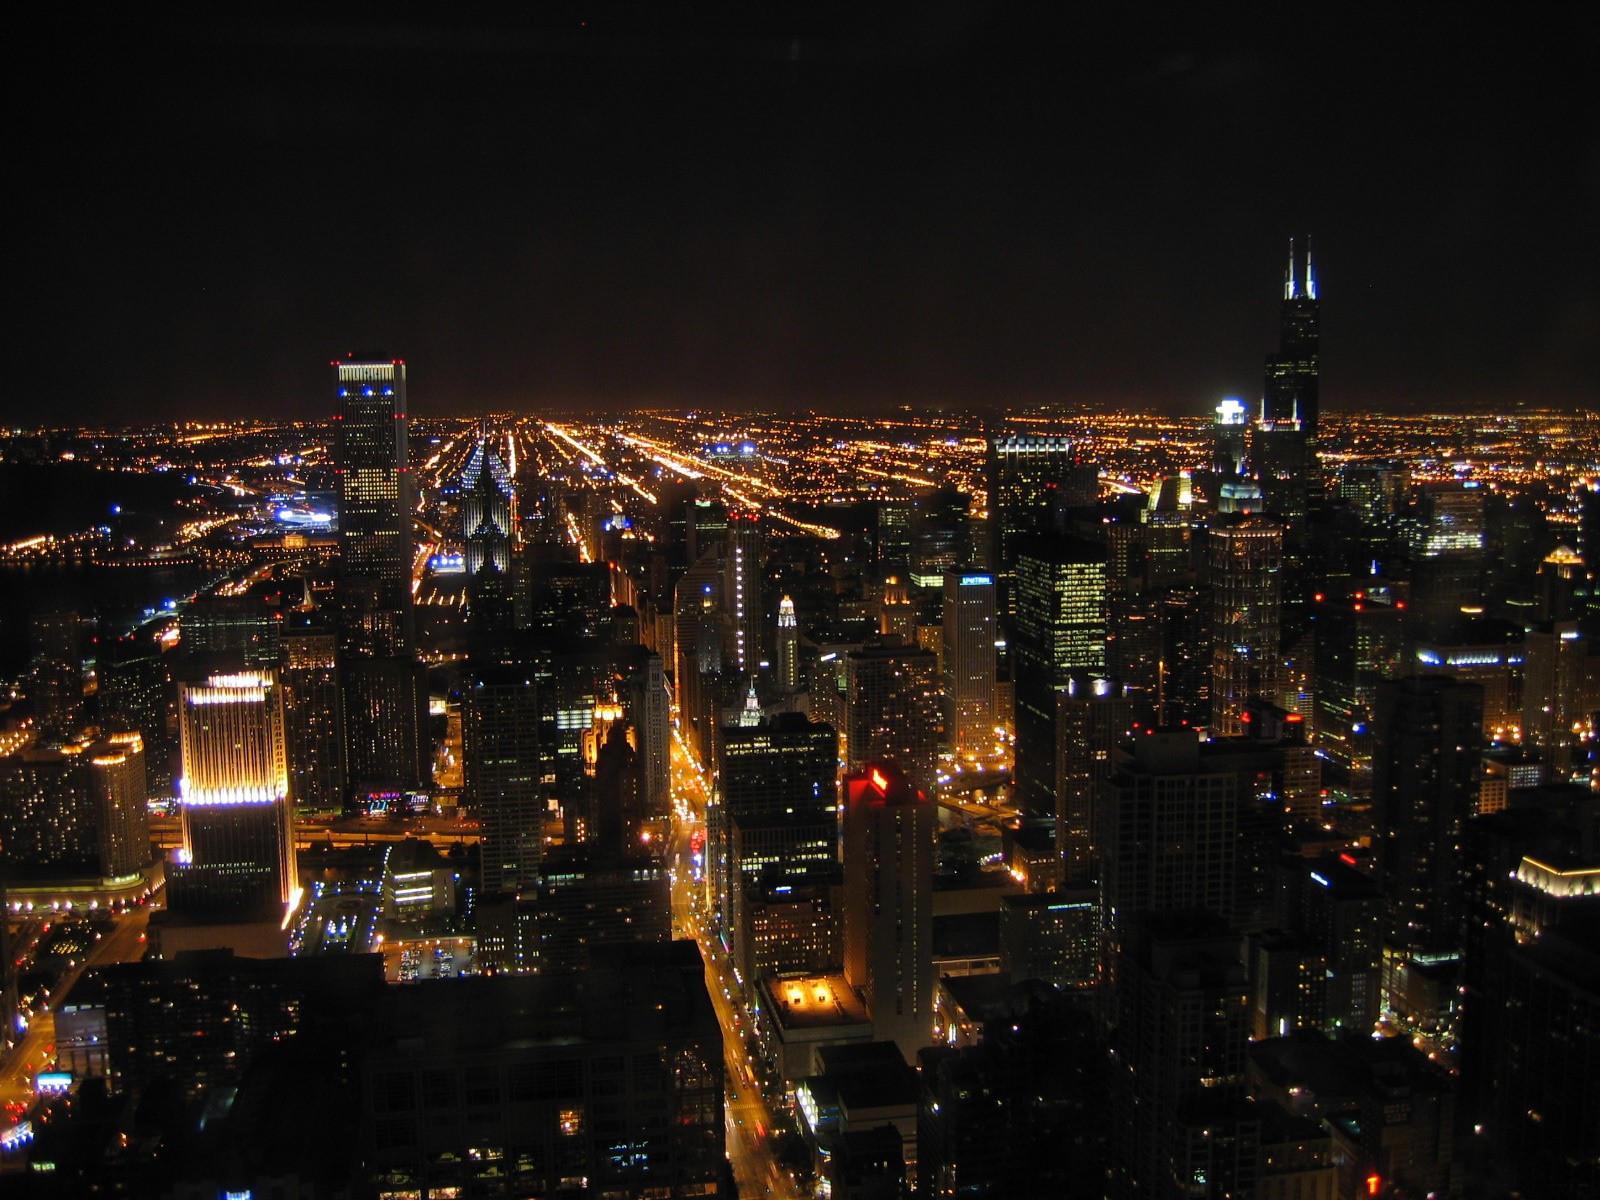 Нью-Йорк в городских огнях, ночью